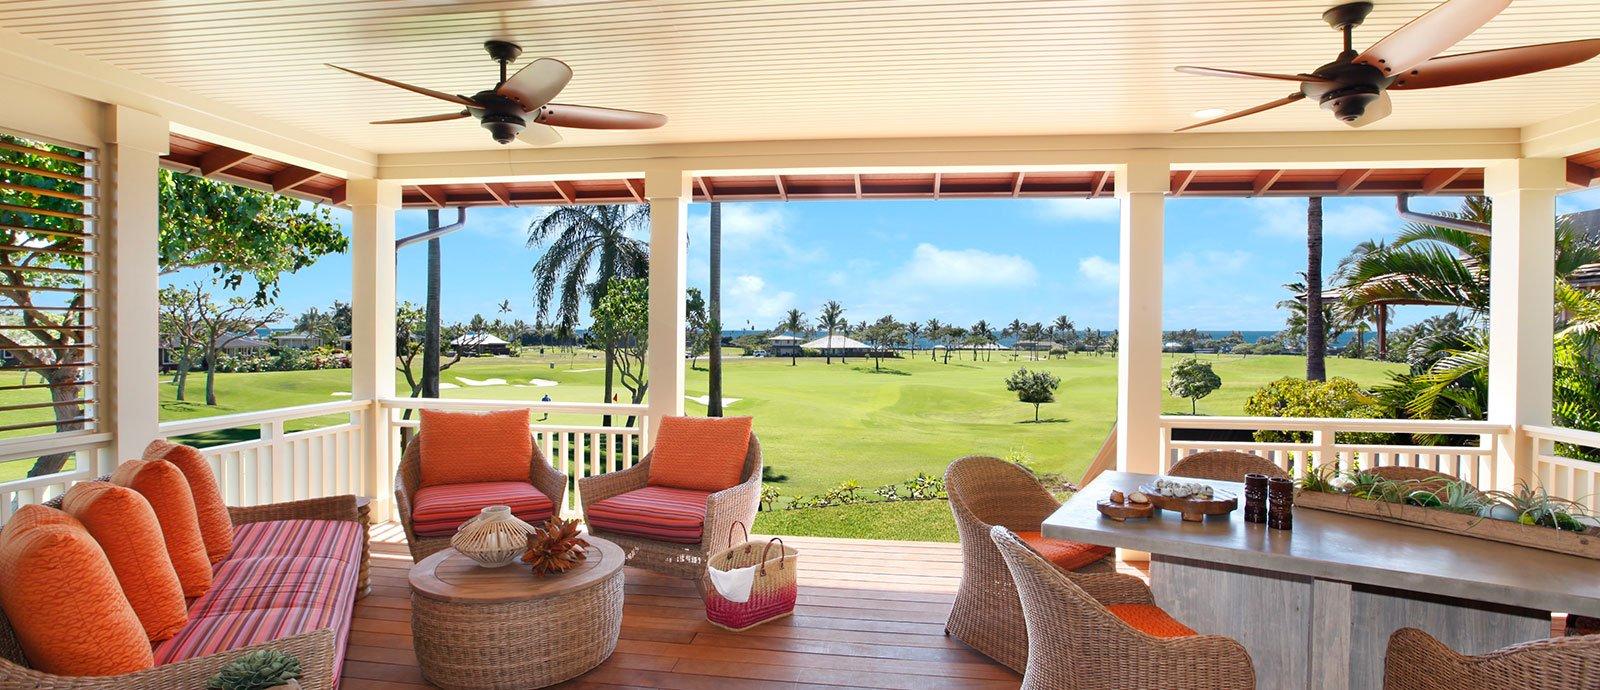 2 bedroom club bungalow lanai views